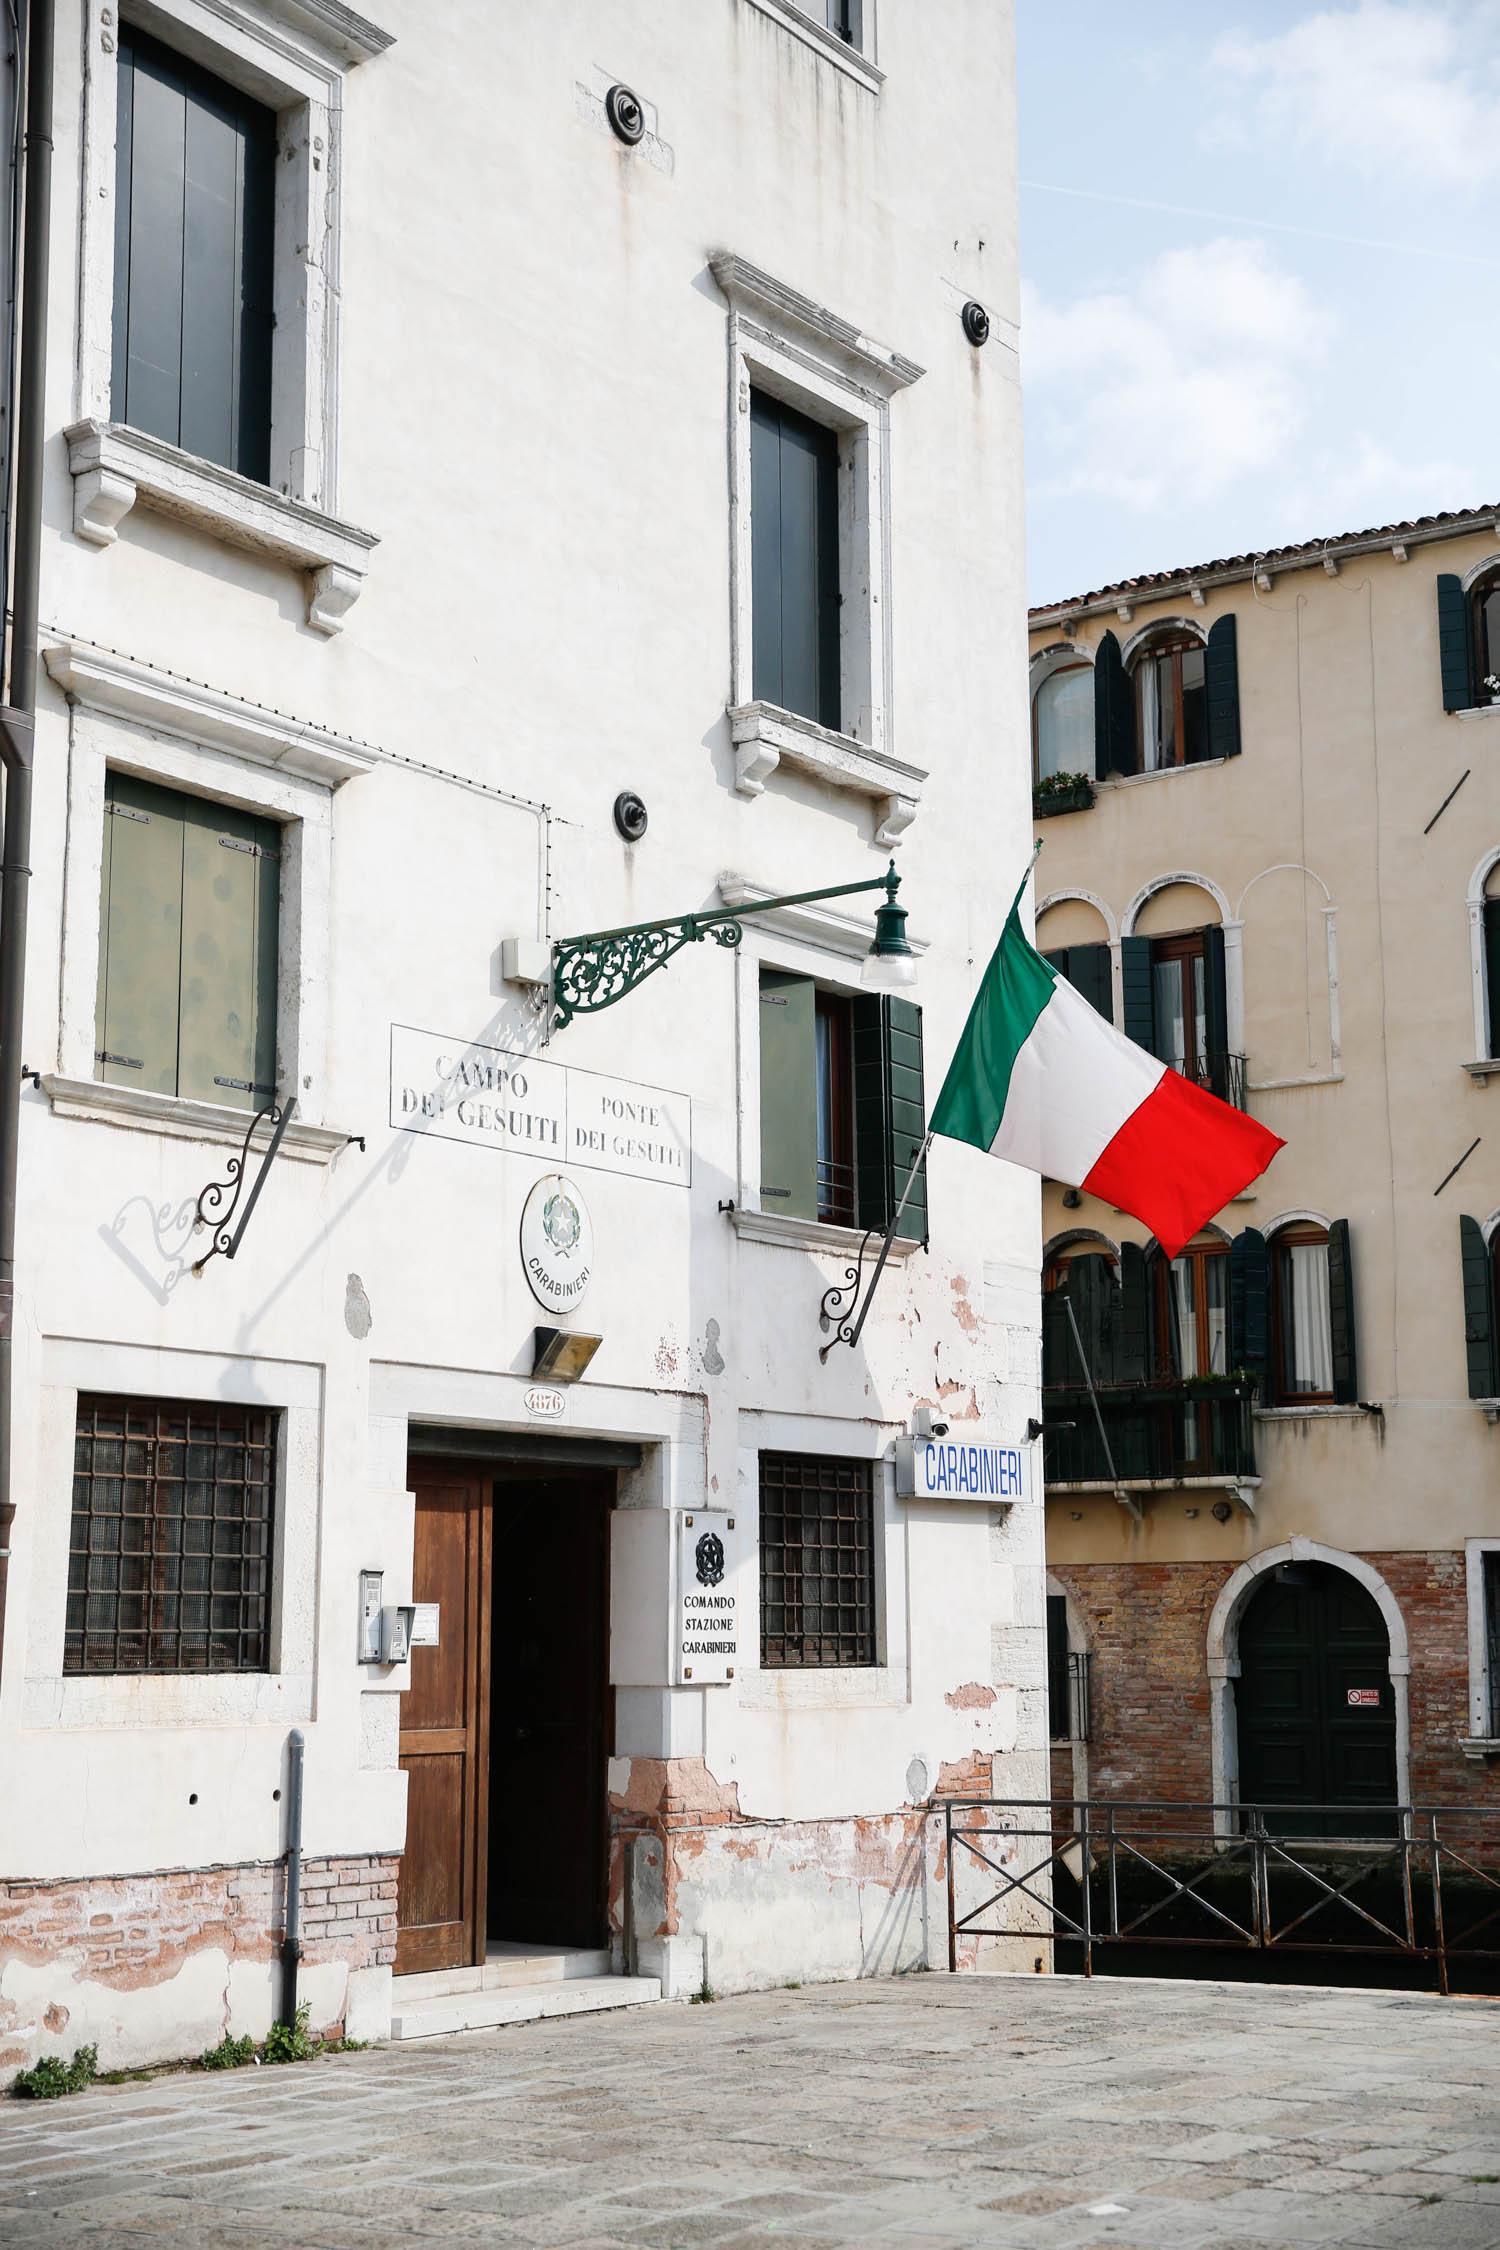 venice, italy, venezia, venice travel diary, alyson haley, italian flag